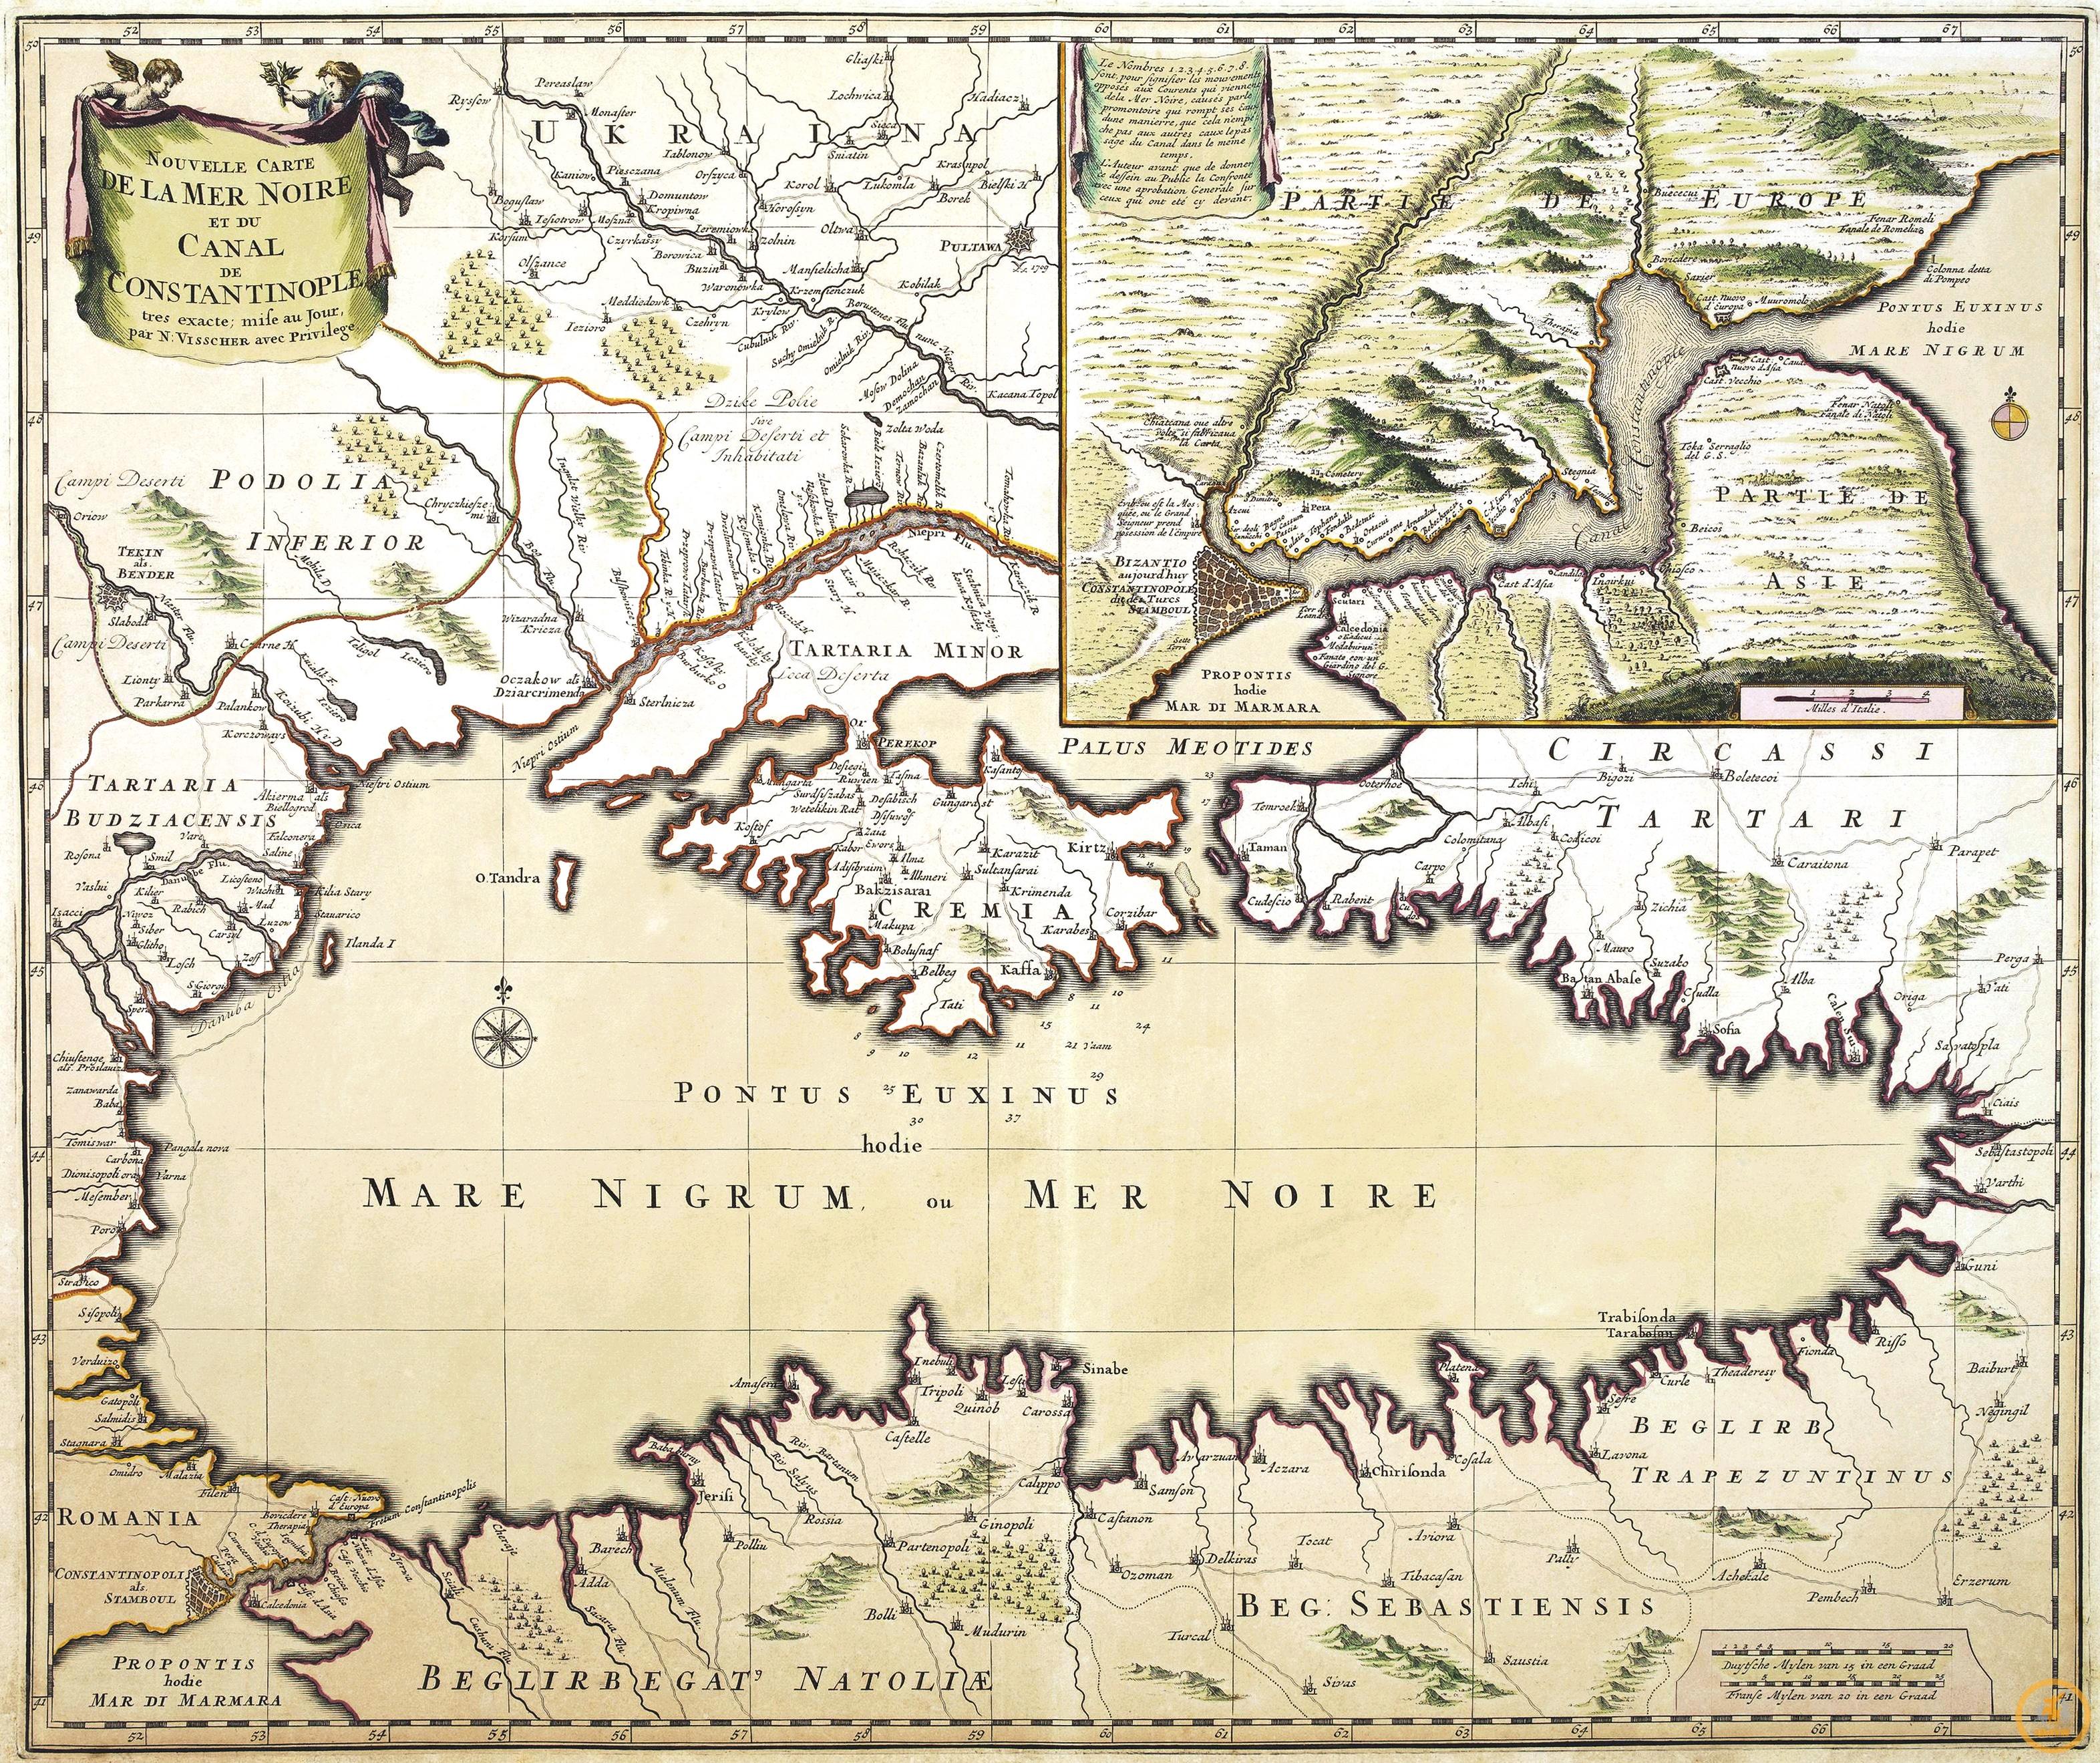 Вишер Н. Новая карта Черного моря и Константинопольского пролива, 1680 г.